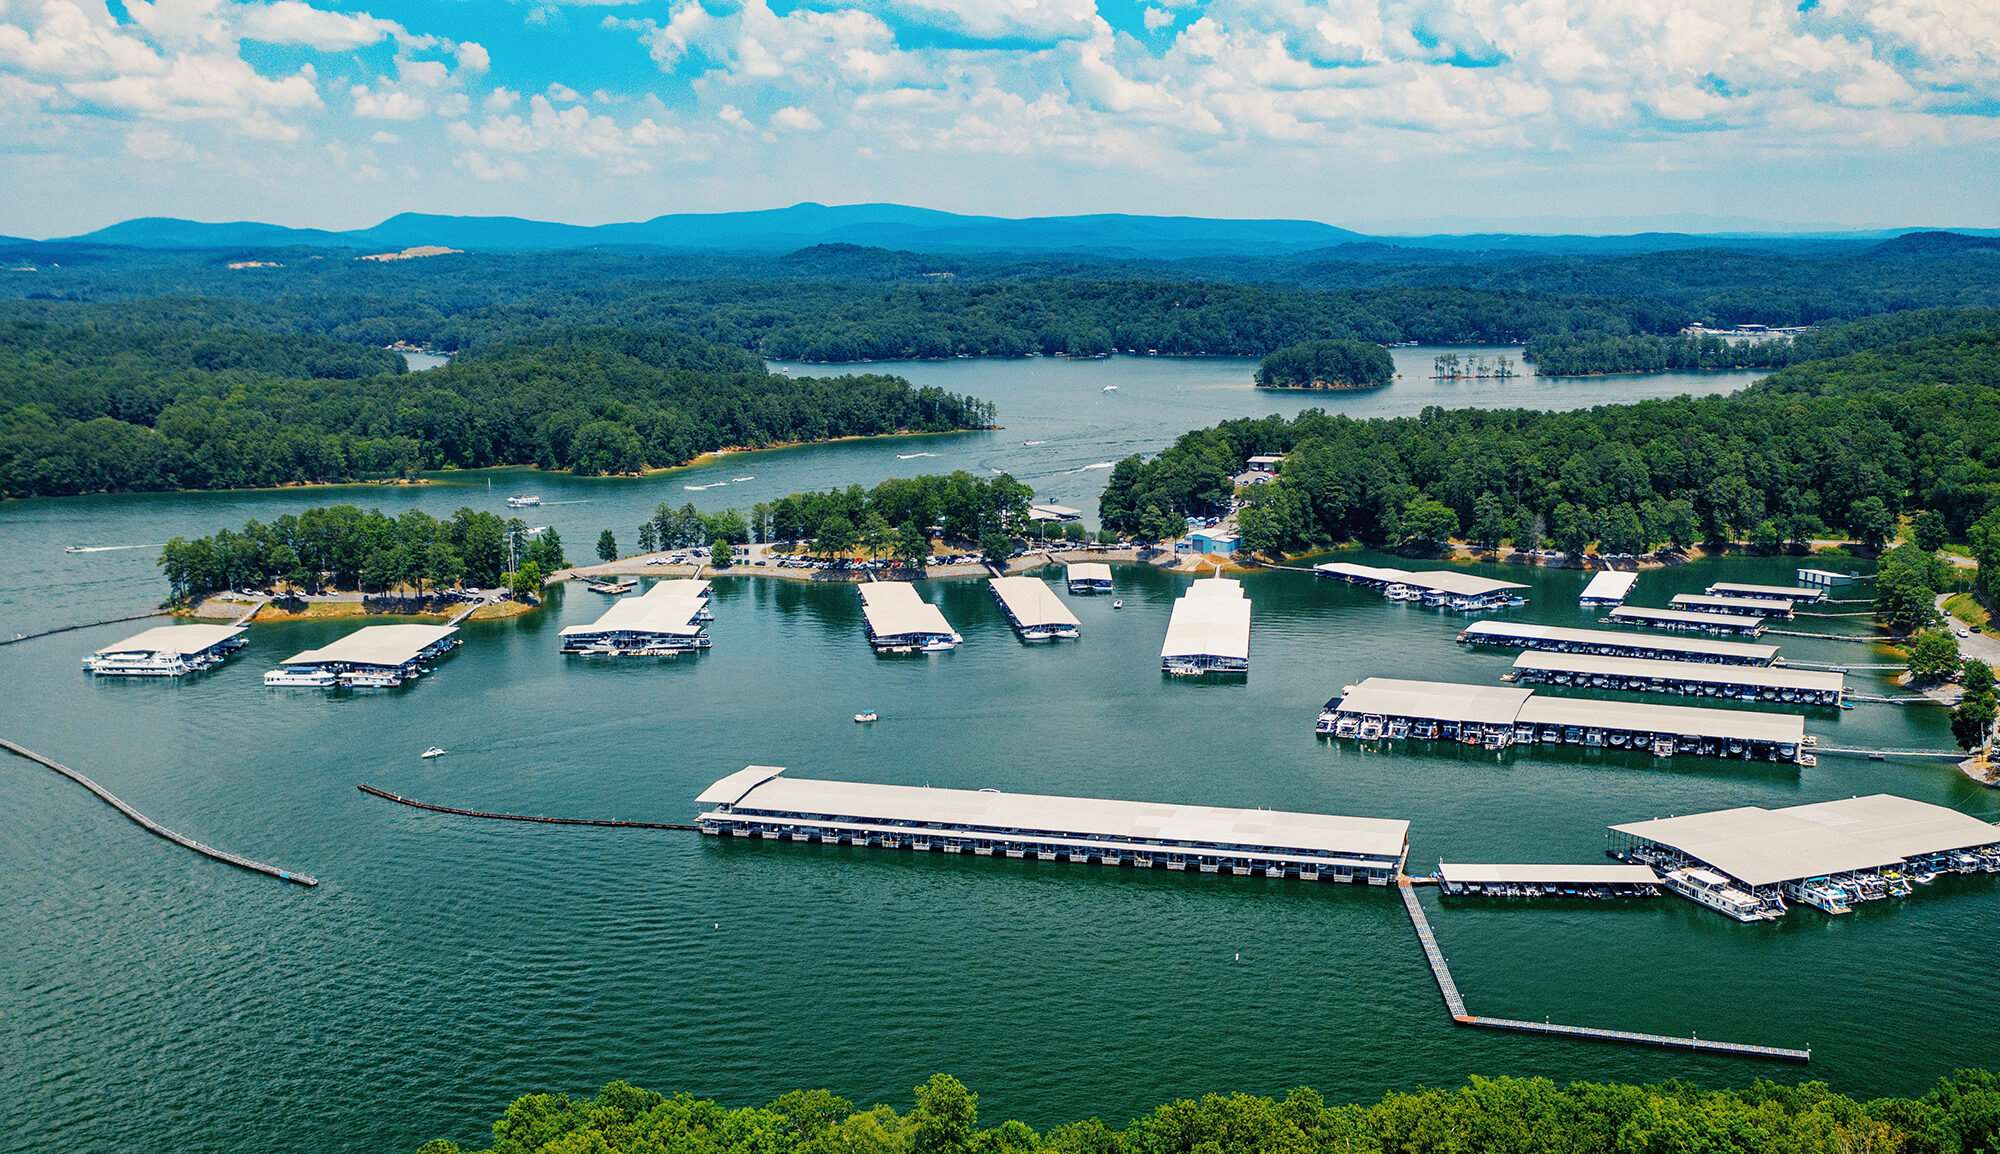 park marina boat storage header